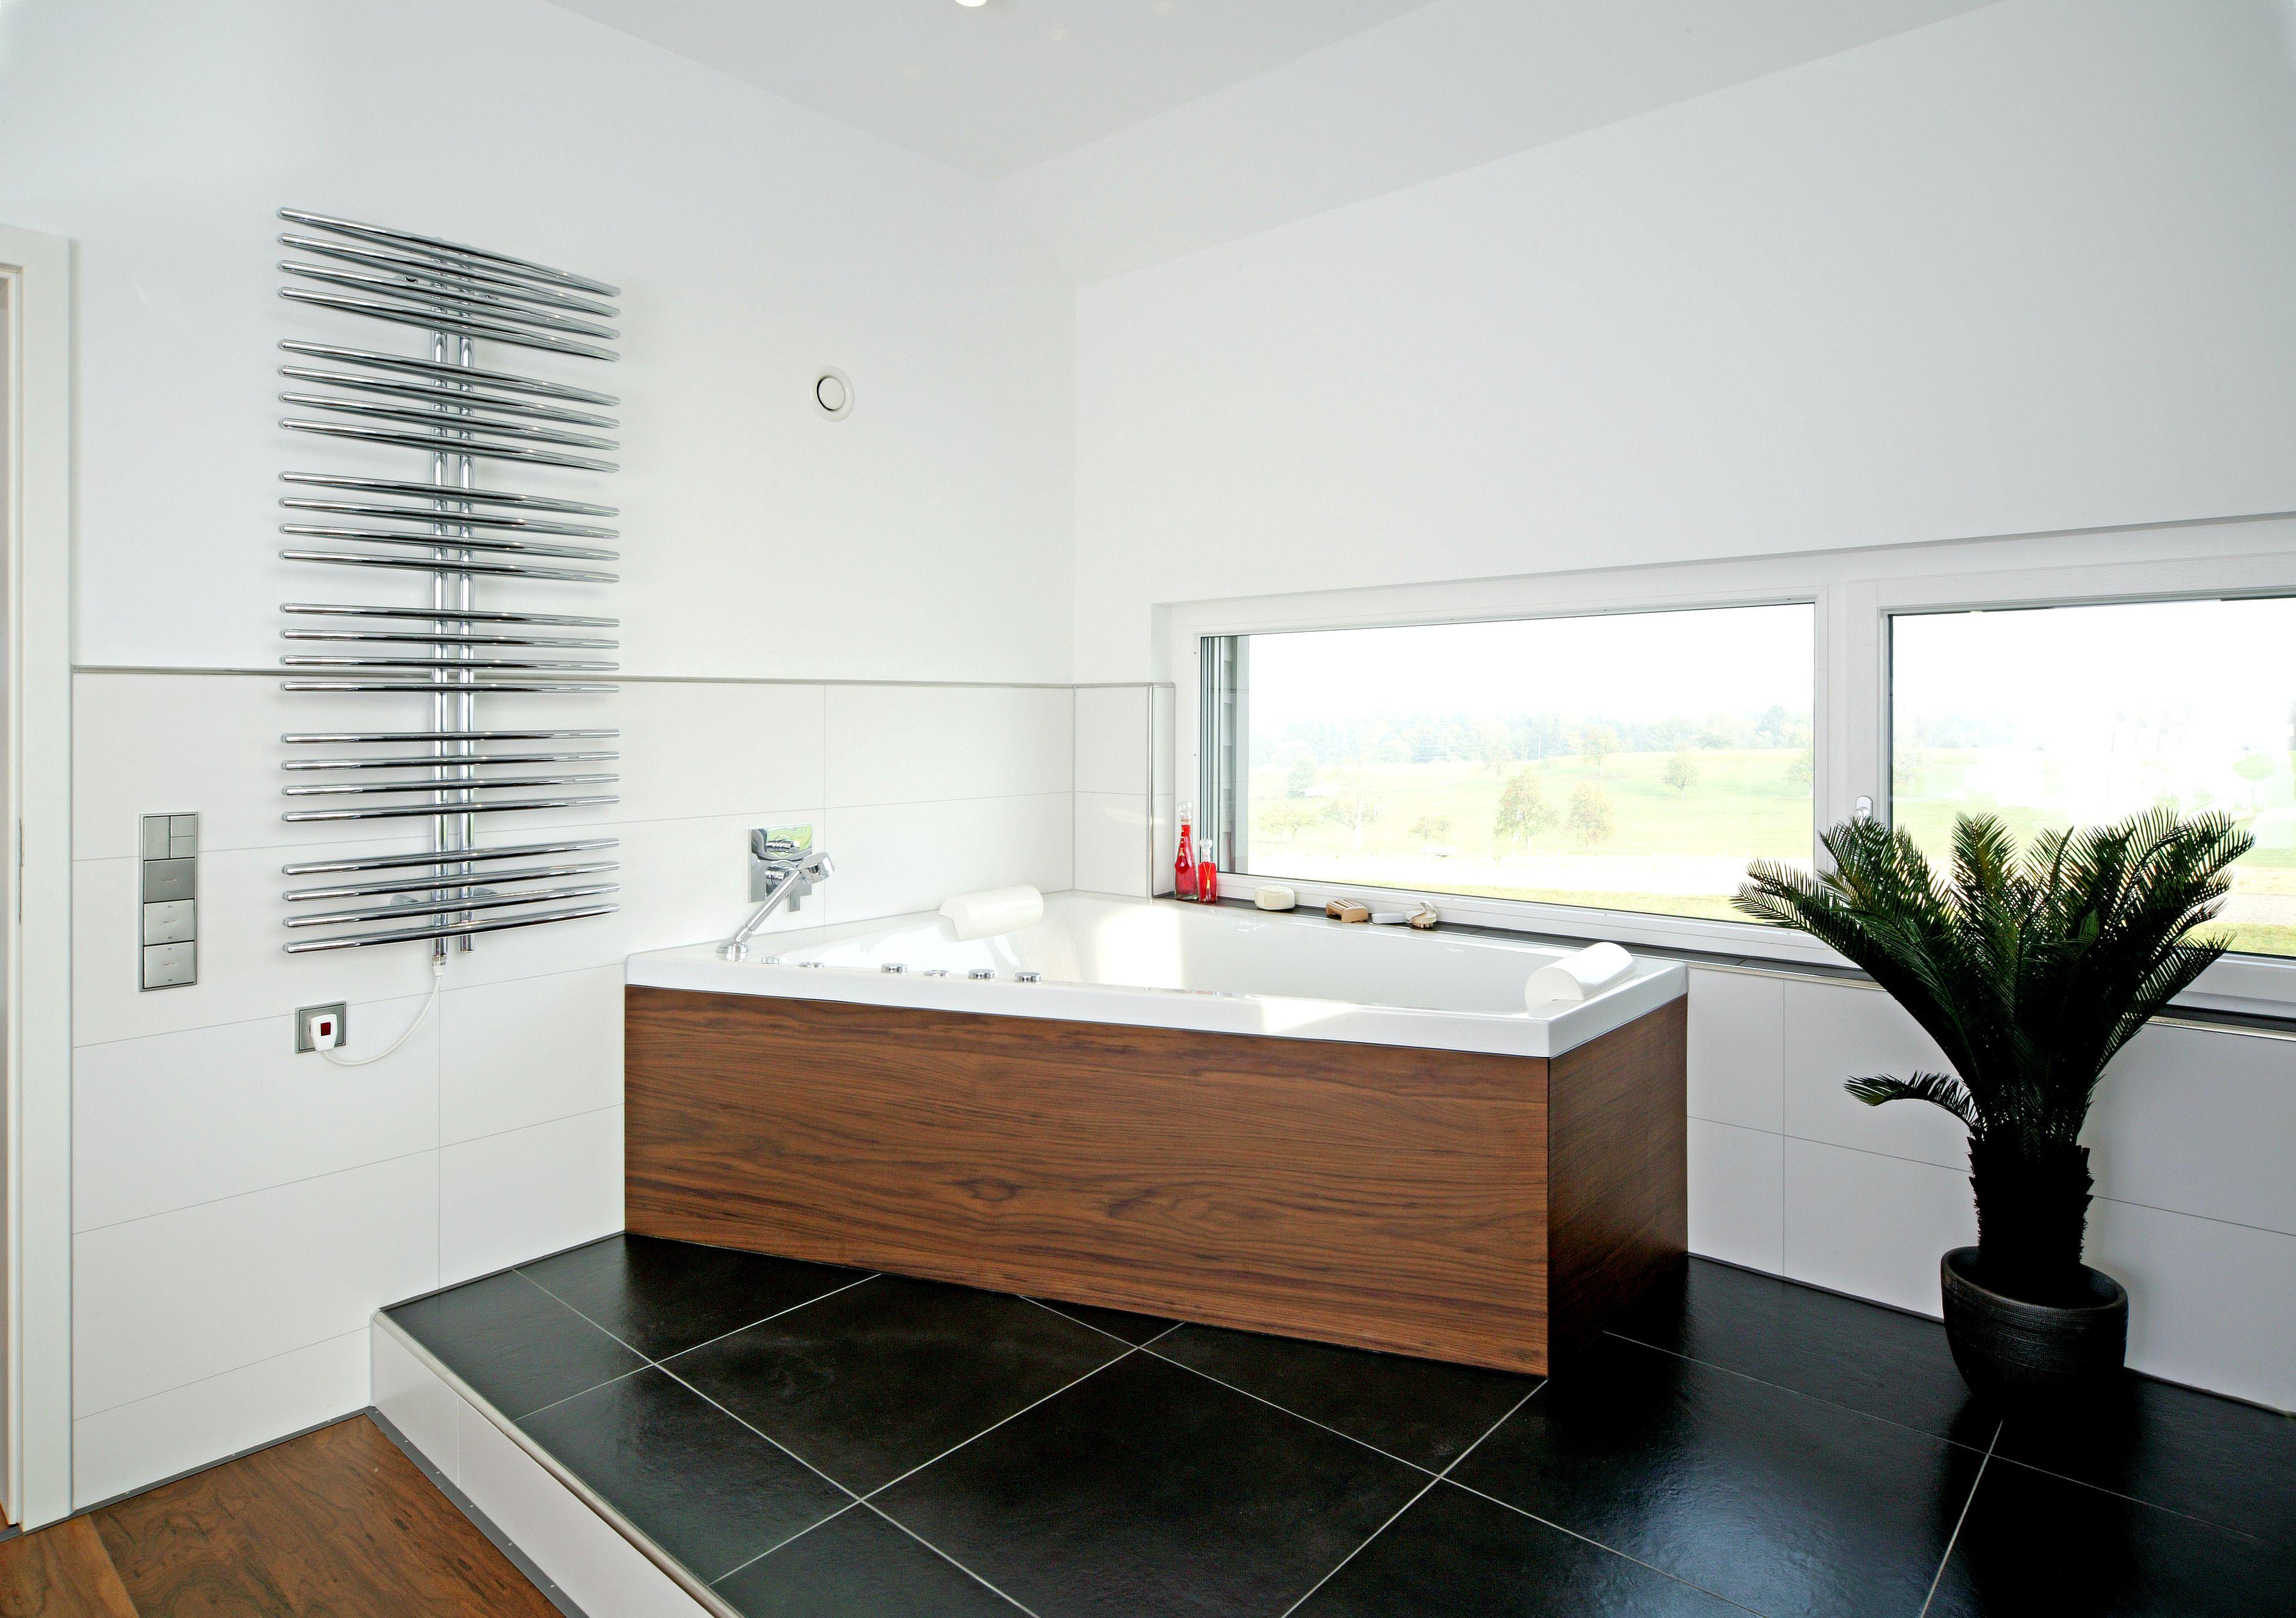 geraumiges hotel badezimmer modern abkühlen abbild oder fafddcafb